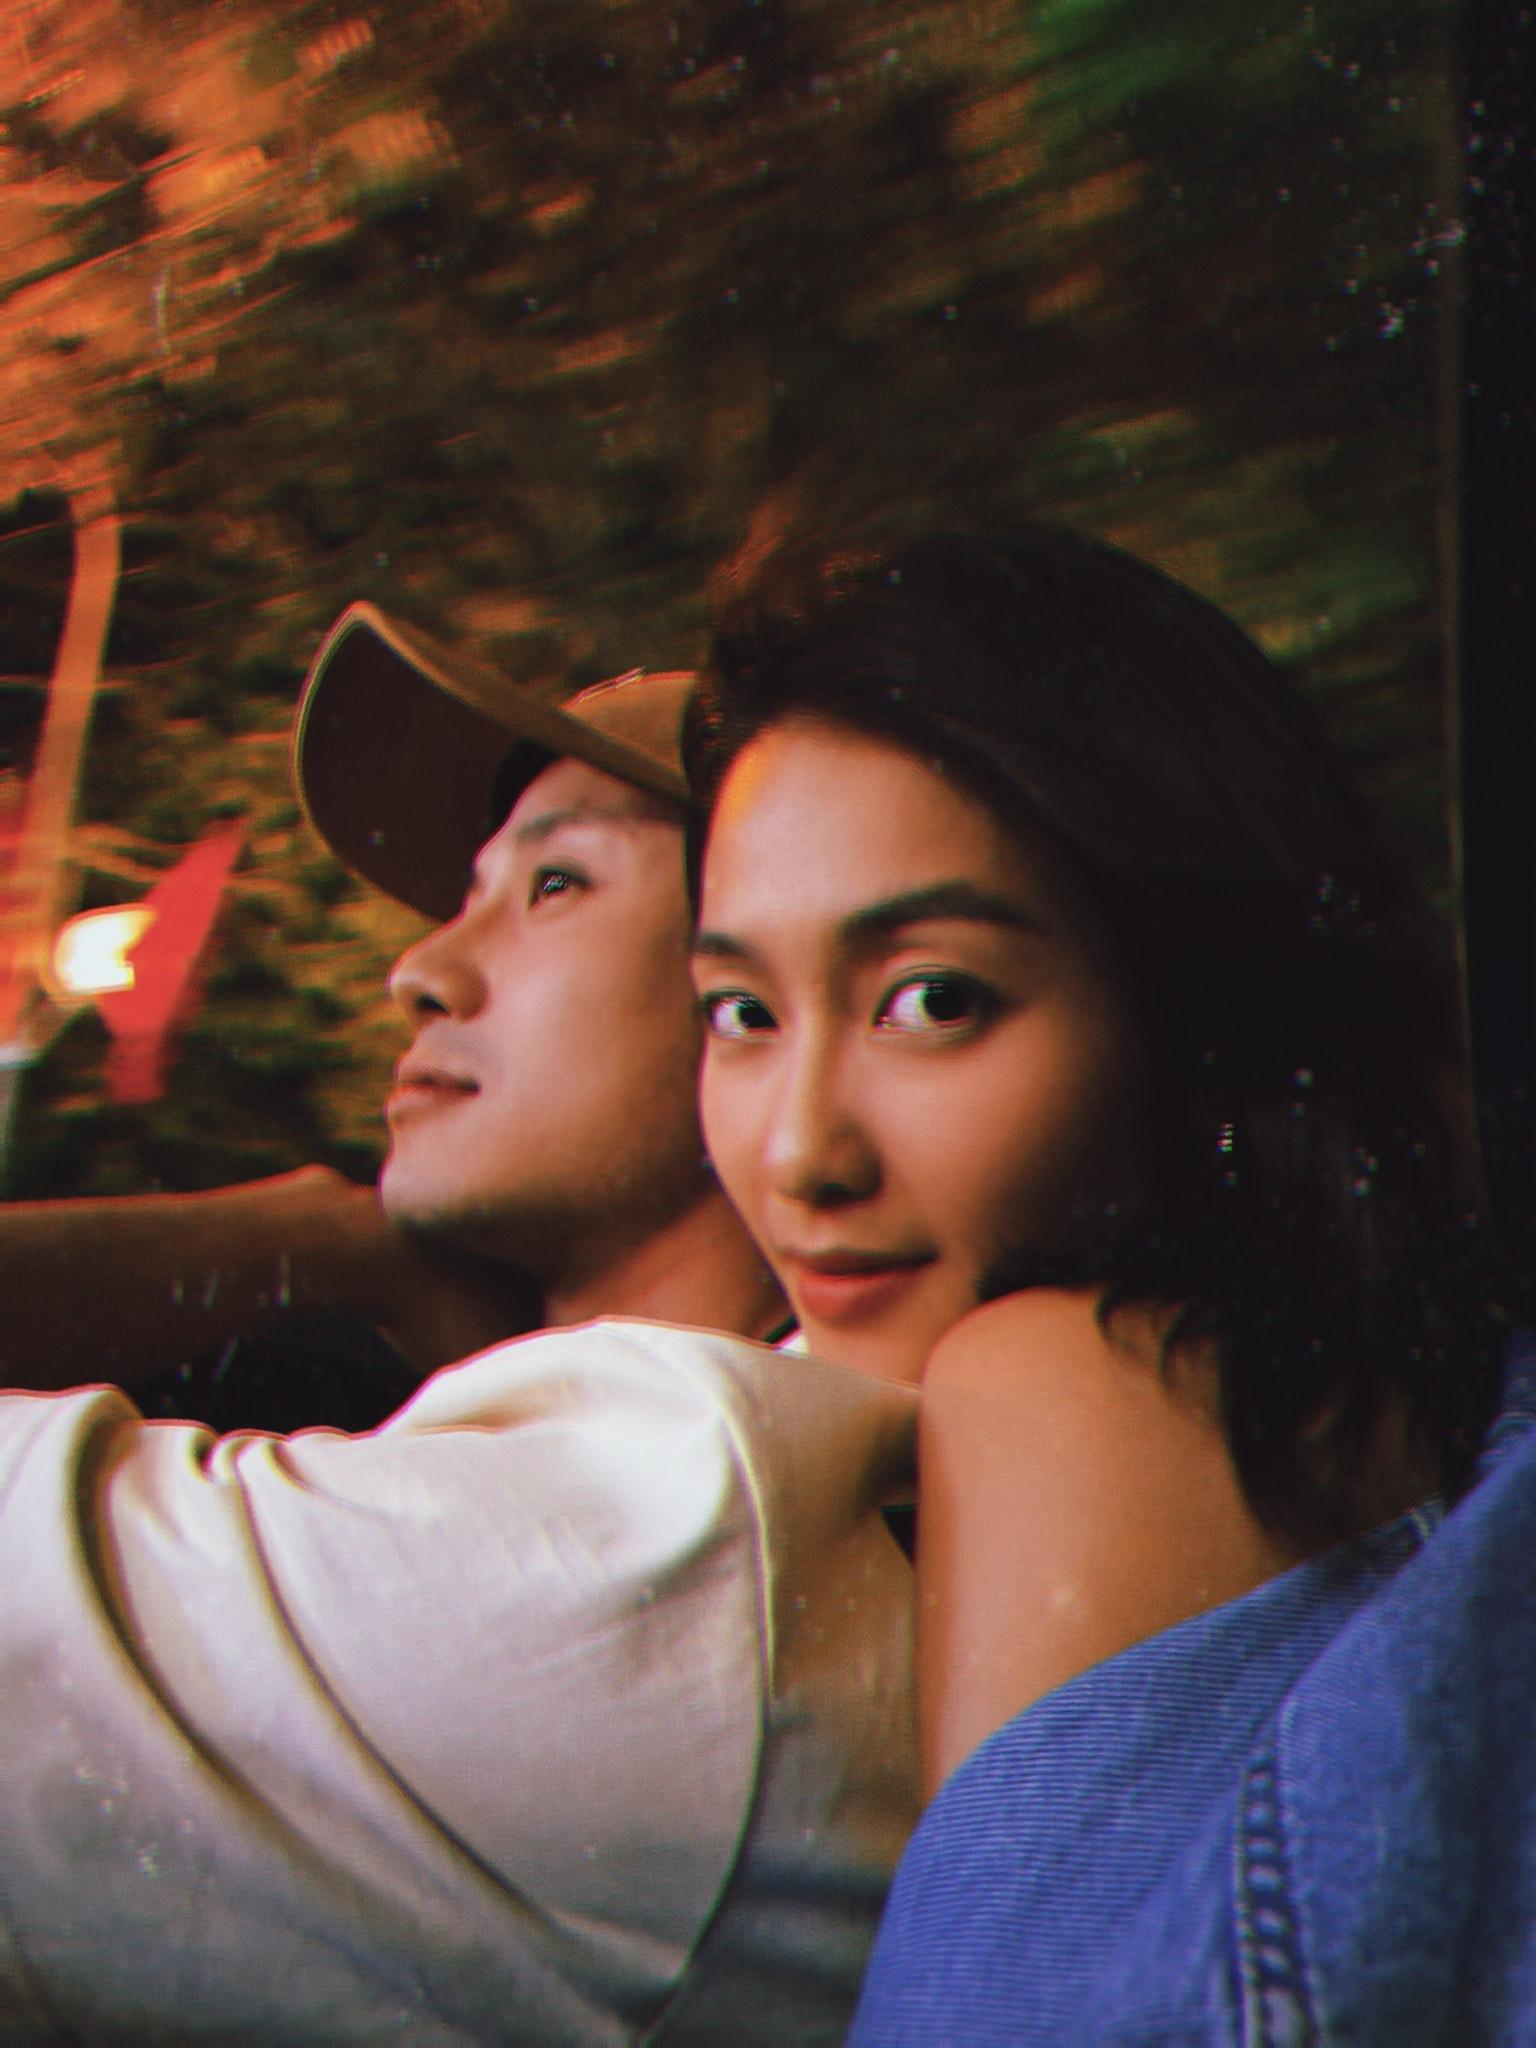 11 tháng 5 ngày: Khả Ngân tình tứ bón cho Thanh Sơn ăn trong hậu trường, bảo sao fan không đẩy thuyền - Ảnh 8.